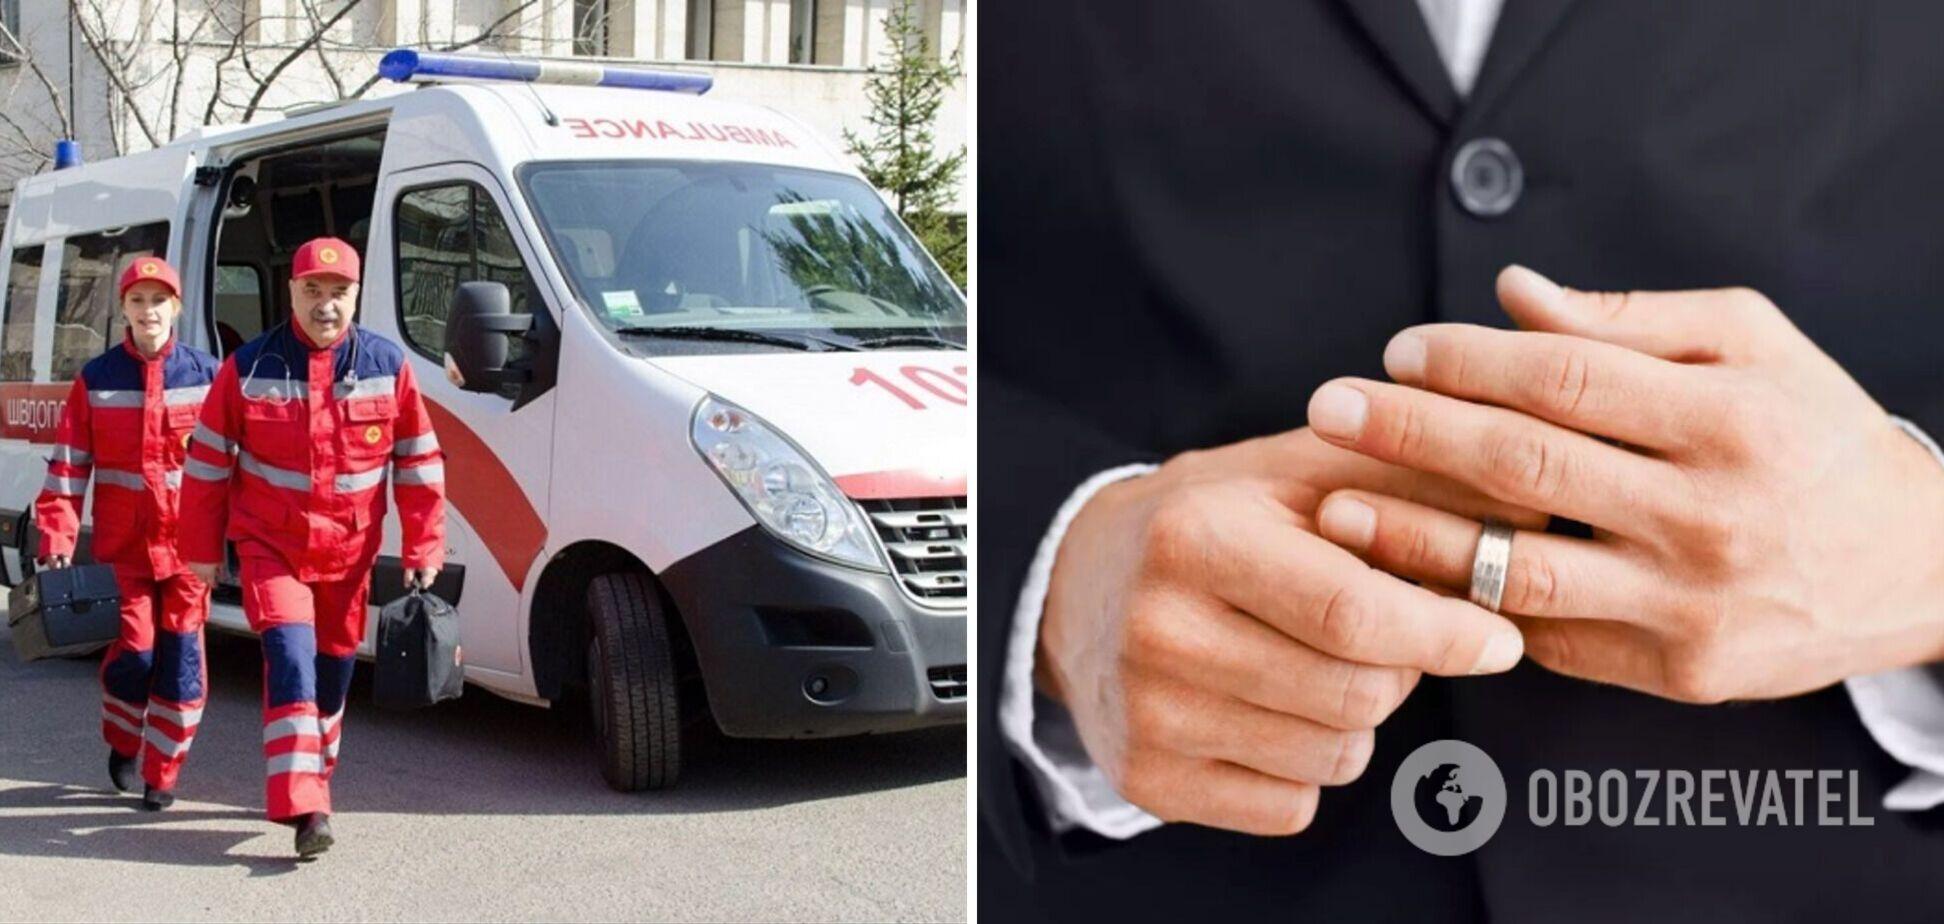 Под Херсоном 60-летний мужчина надел обручальное кольцо на половой орган: его госпитализировали